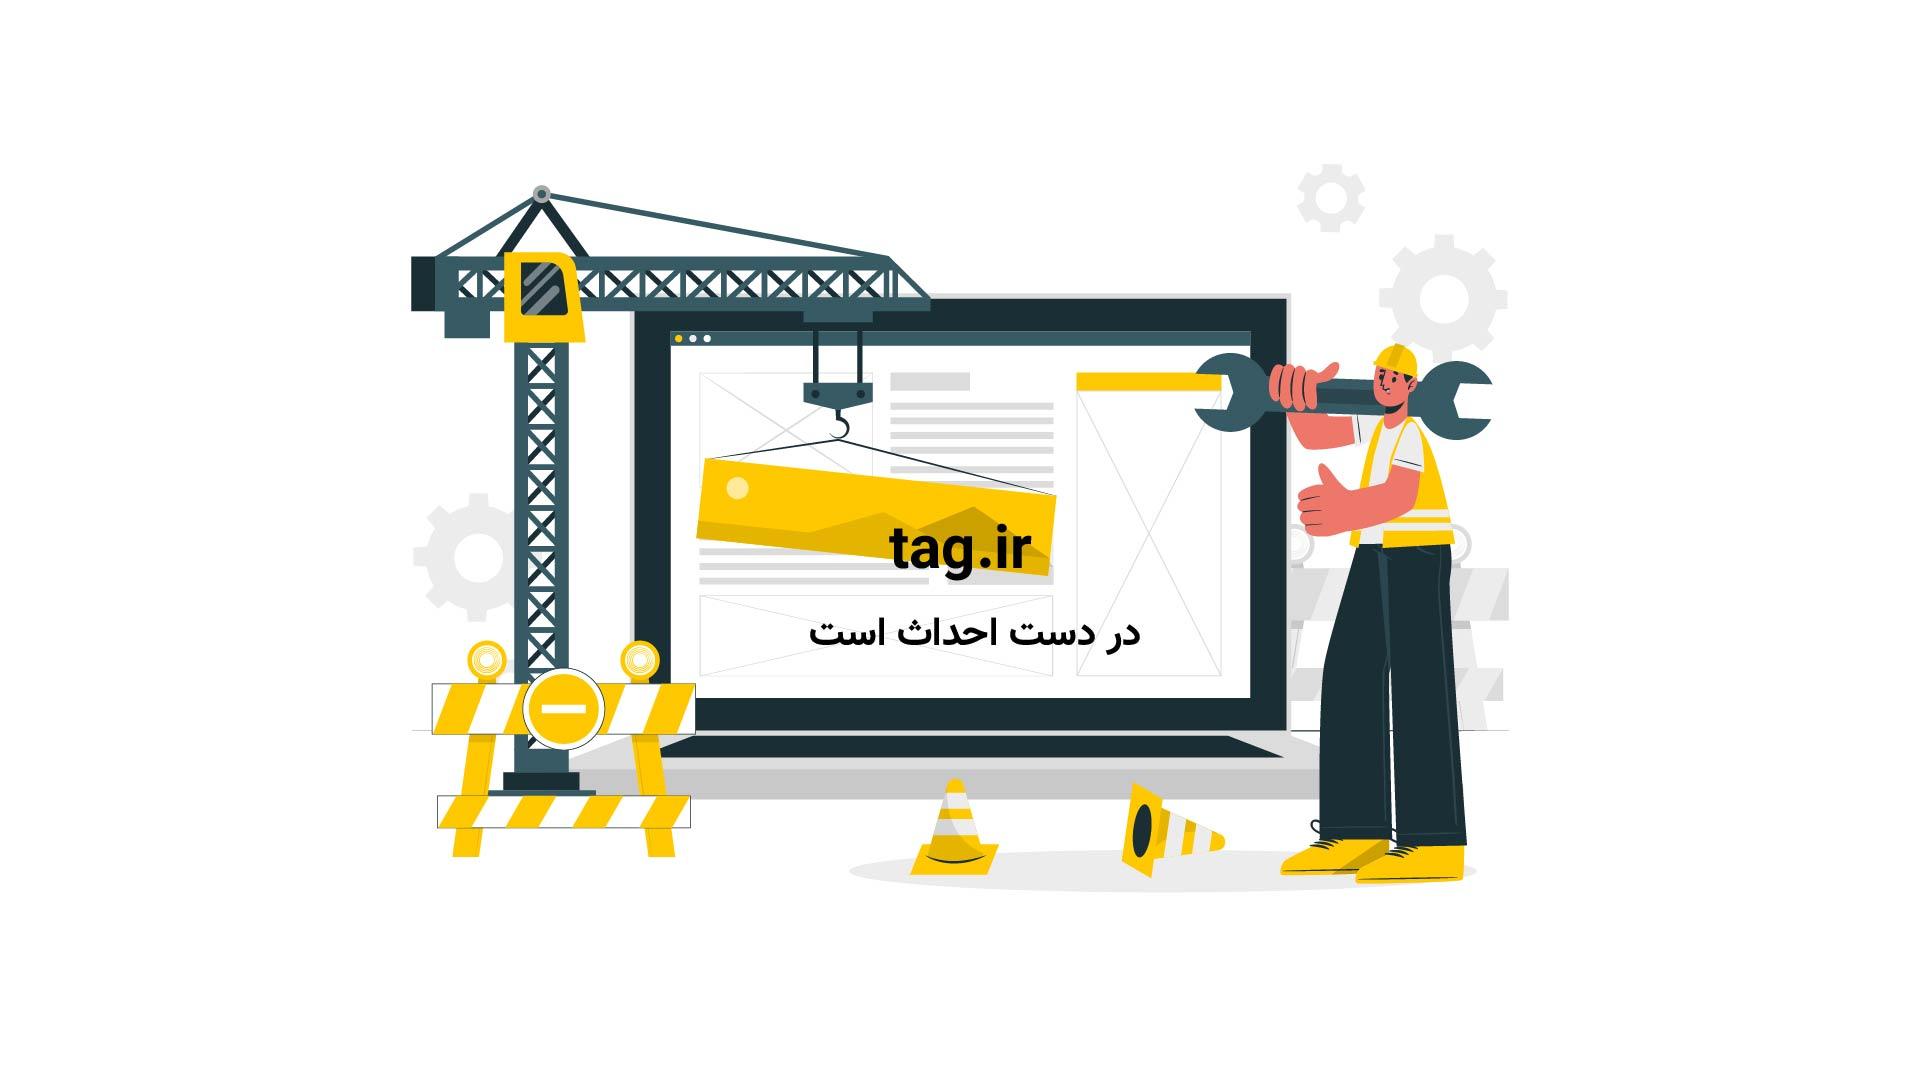 فیلم رونمایی از اتوبوسی که از روی خودرو ها حرکت می کند